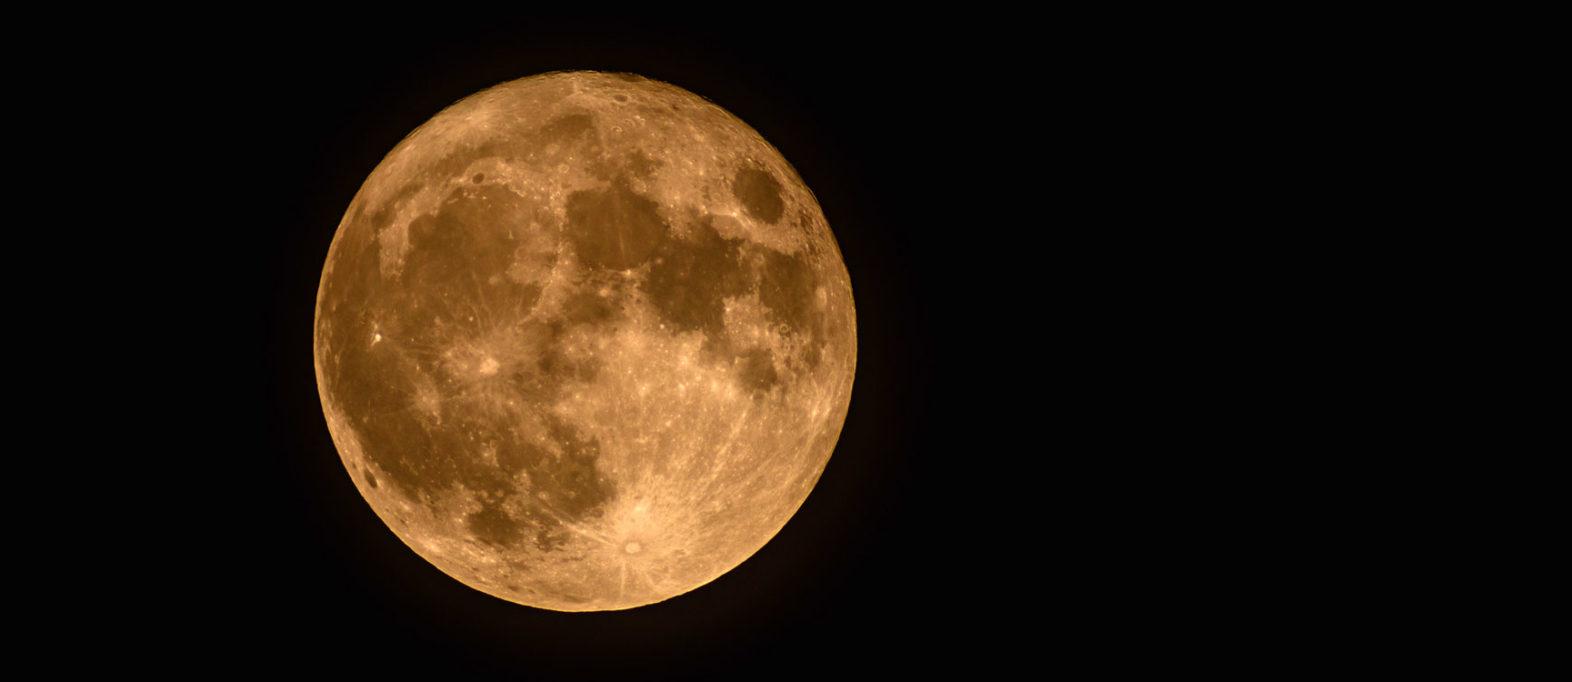 Mond fotografieren: Kamera Einstellungen & Tipps